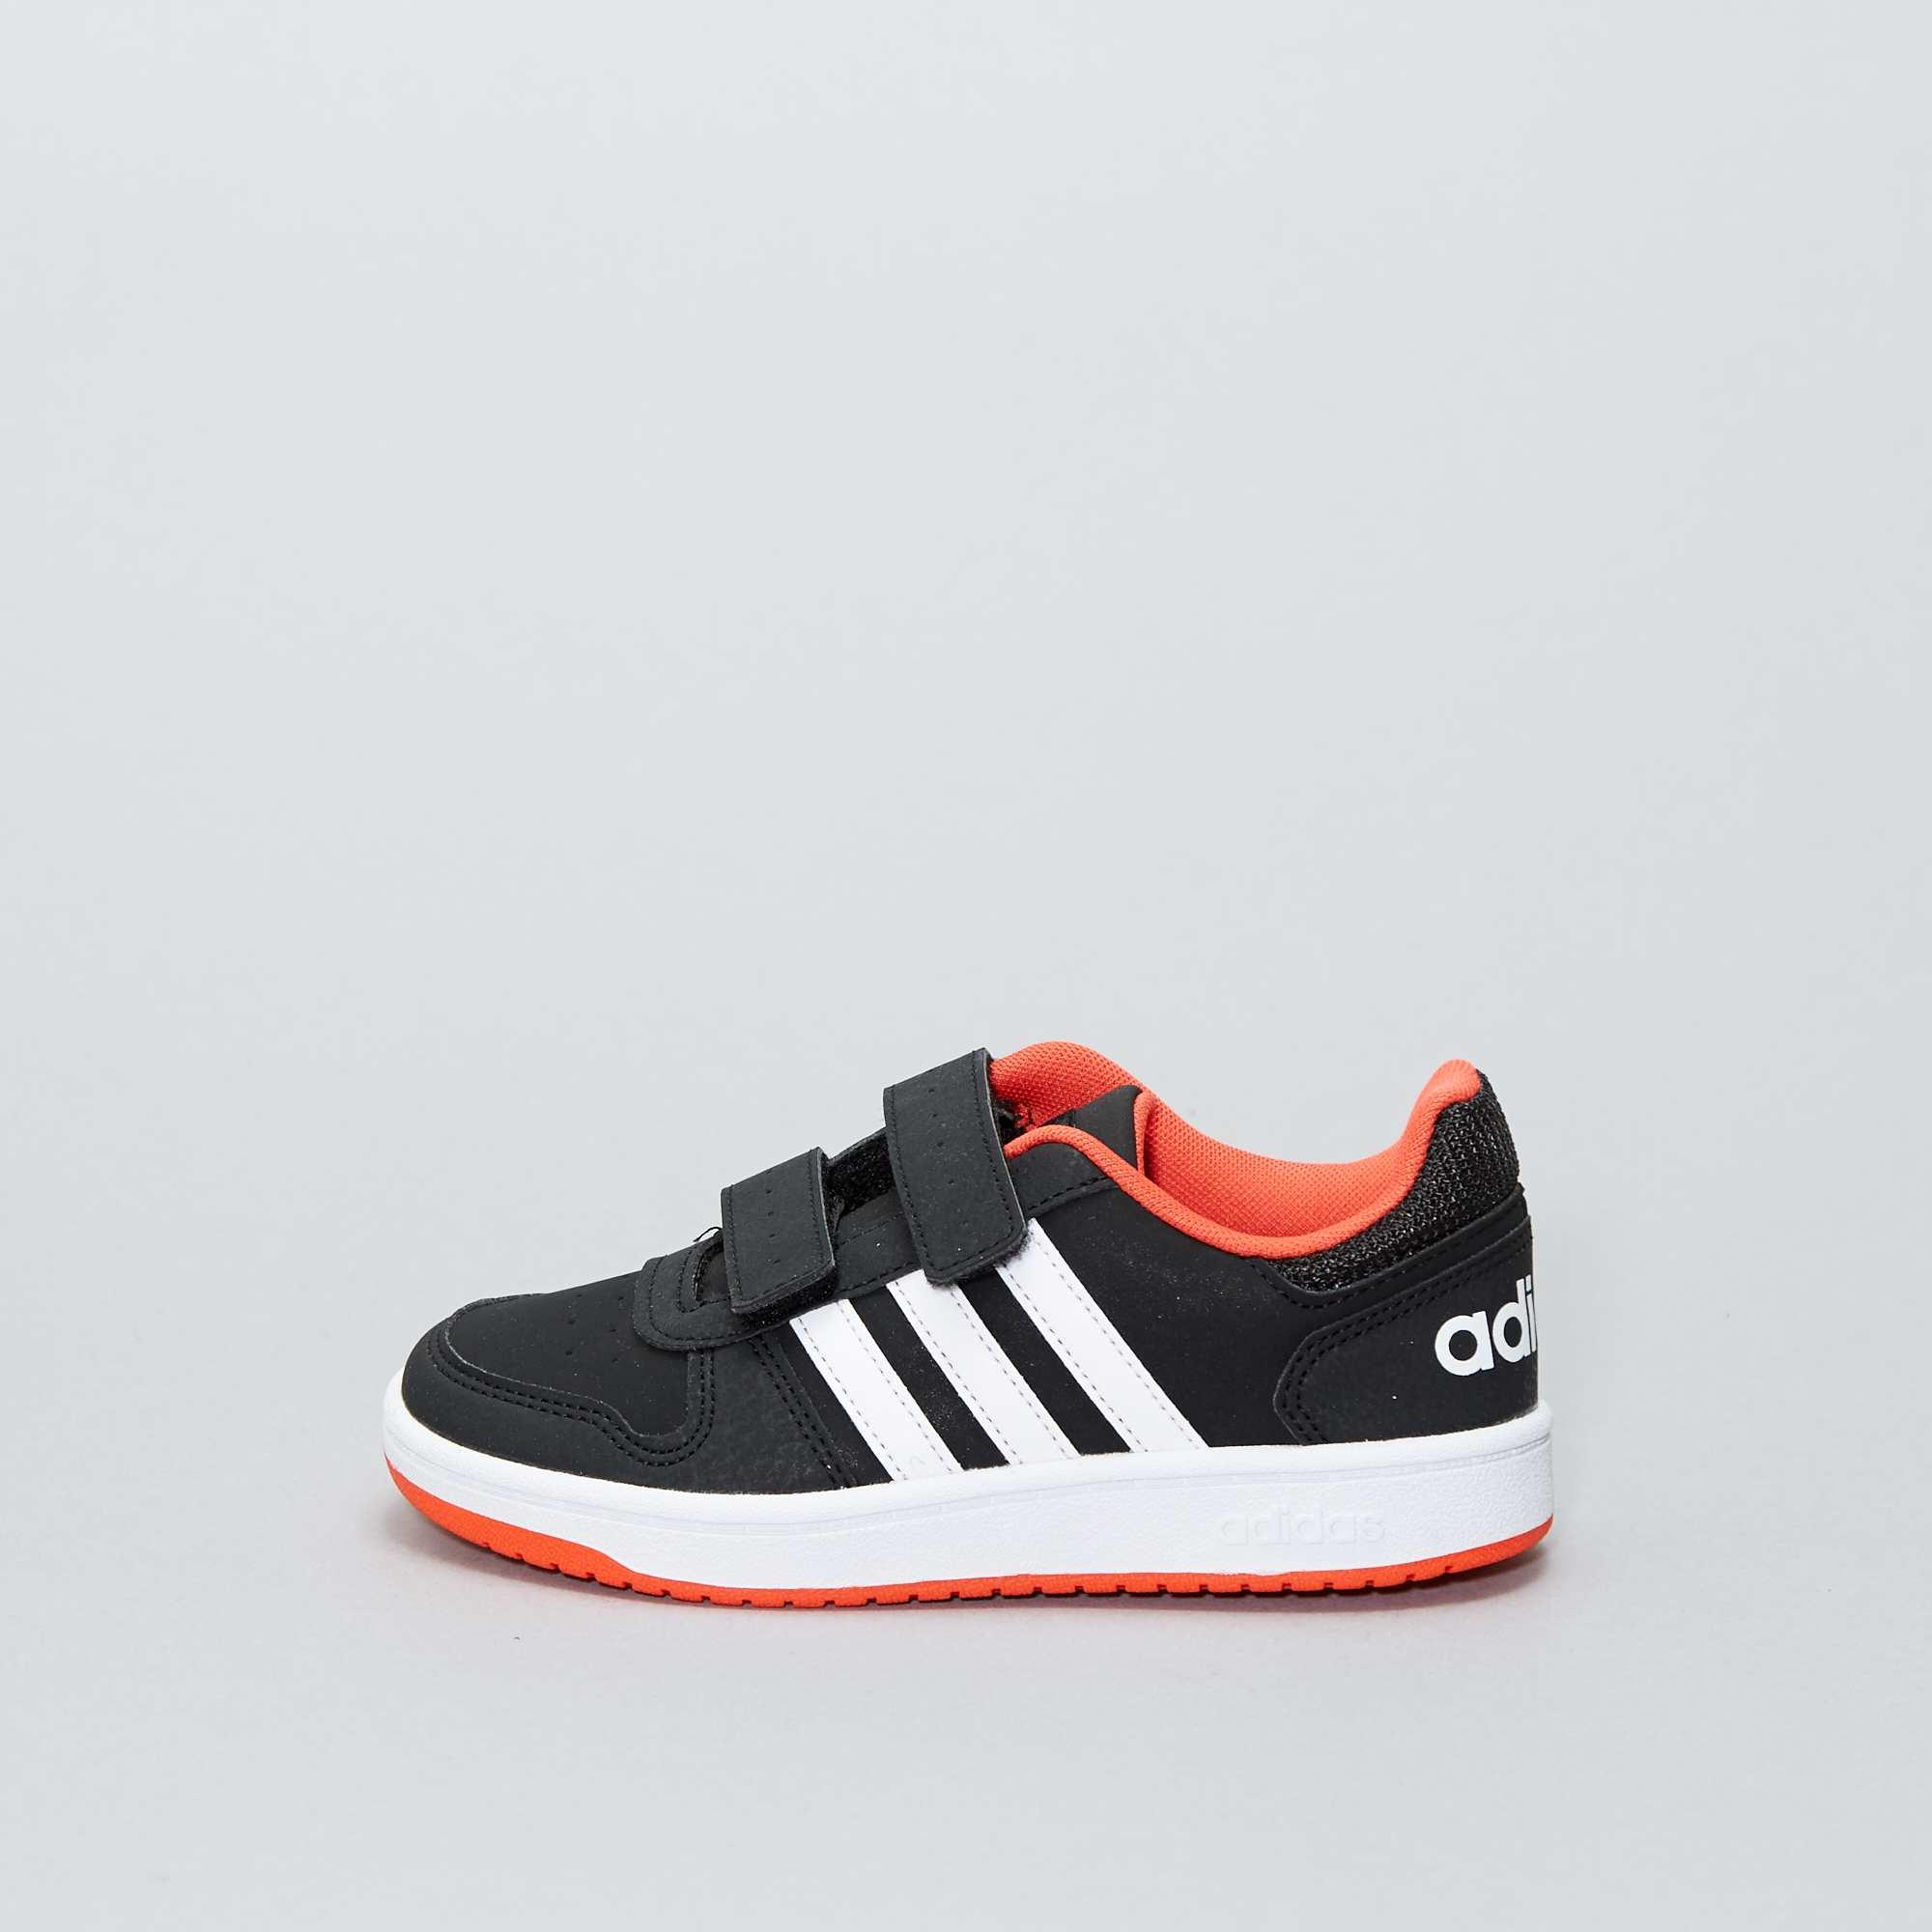 5d4a04fd85553 Zapatillas  Adidas Hoops CMF C  con velcro Chico - NEGRO - Kiabi ...